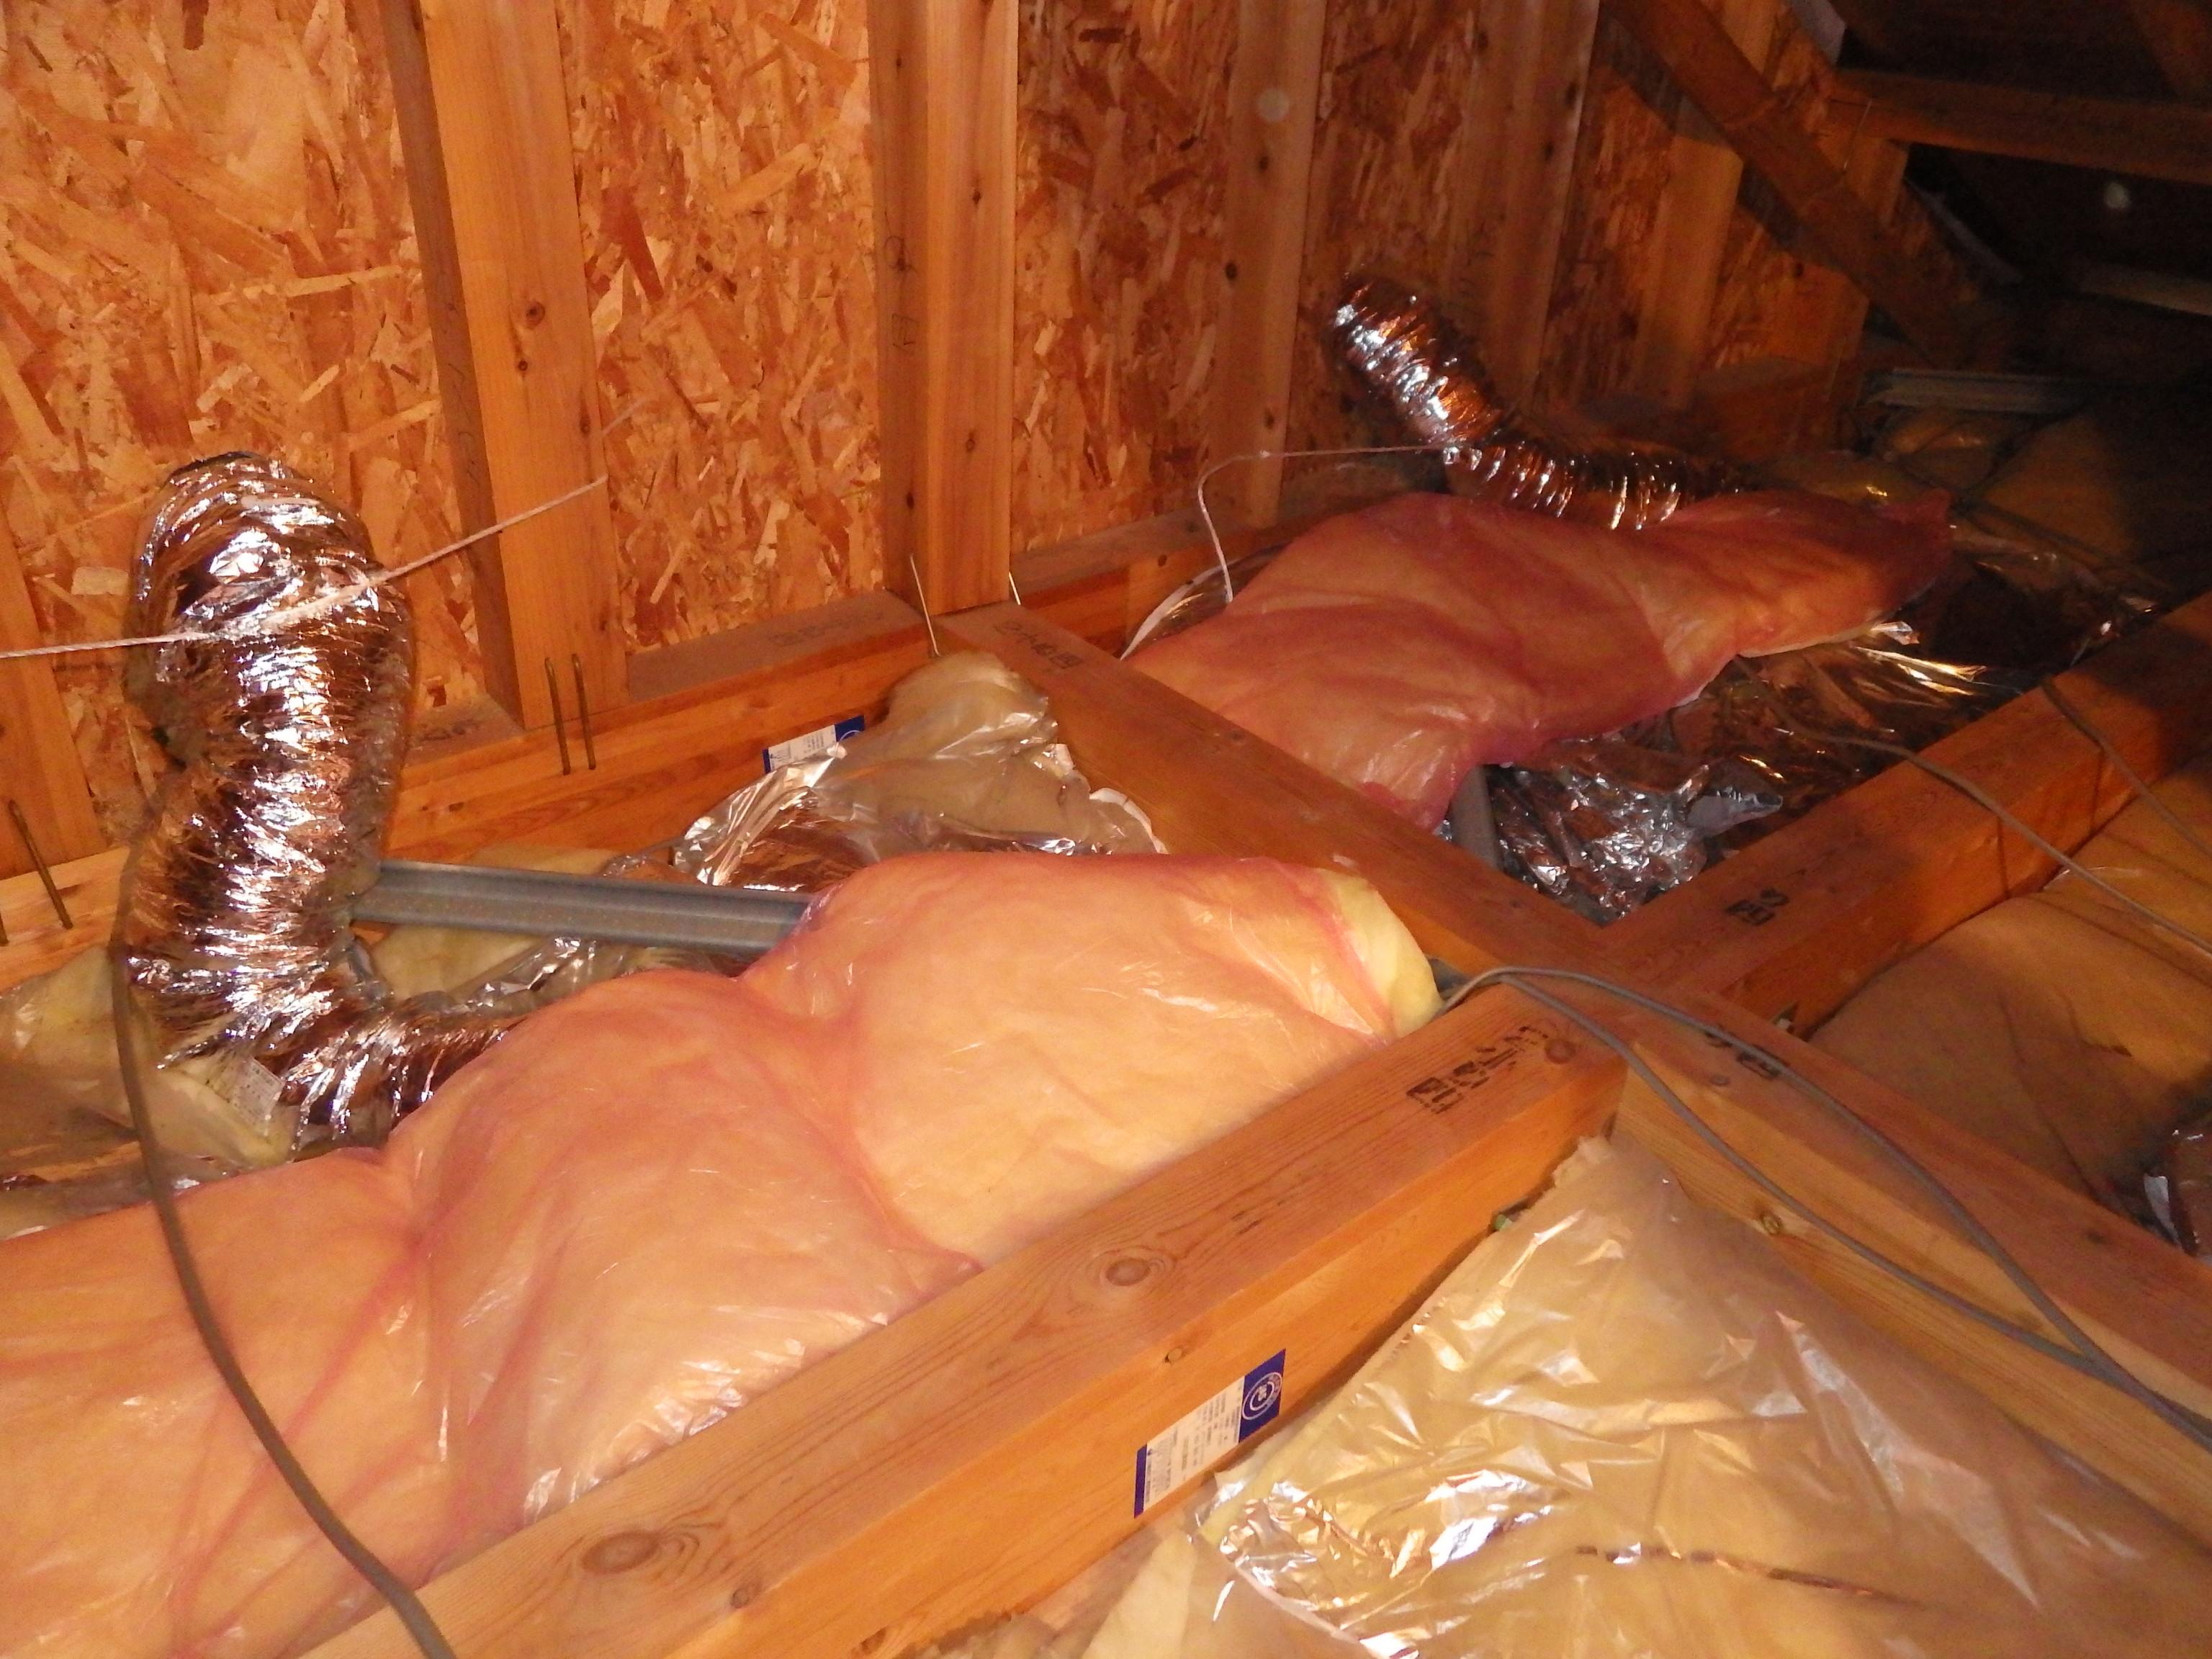 天井換気扇から滴り落ちる結露水を無事解決